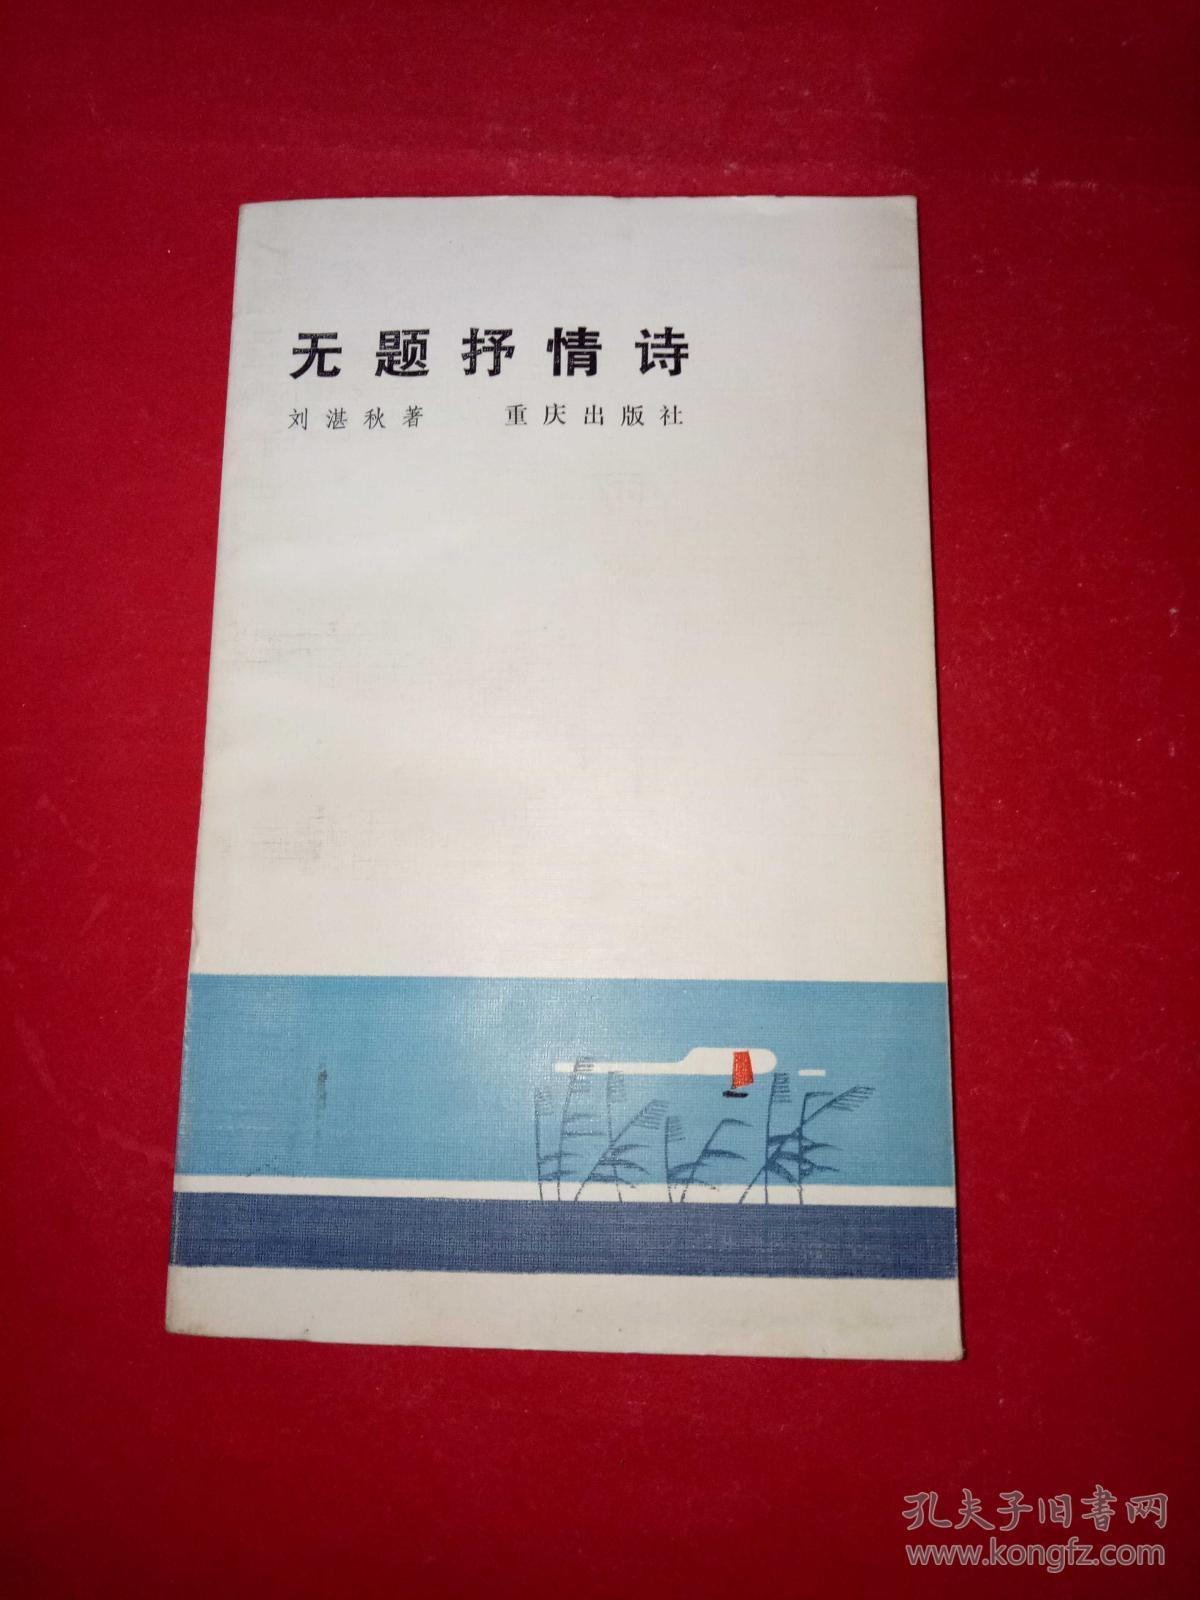 无题抒情诗_刘湛秋著_孔夫子旧书网图片